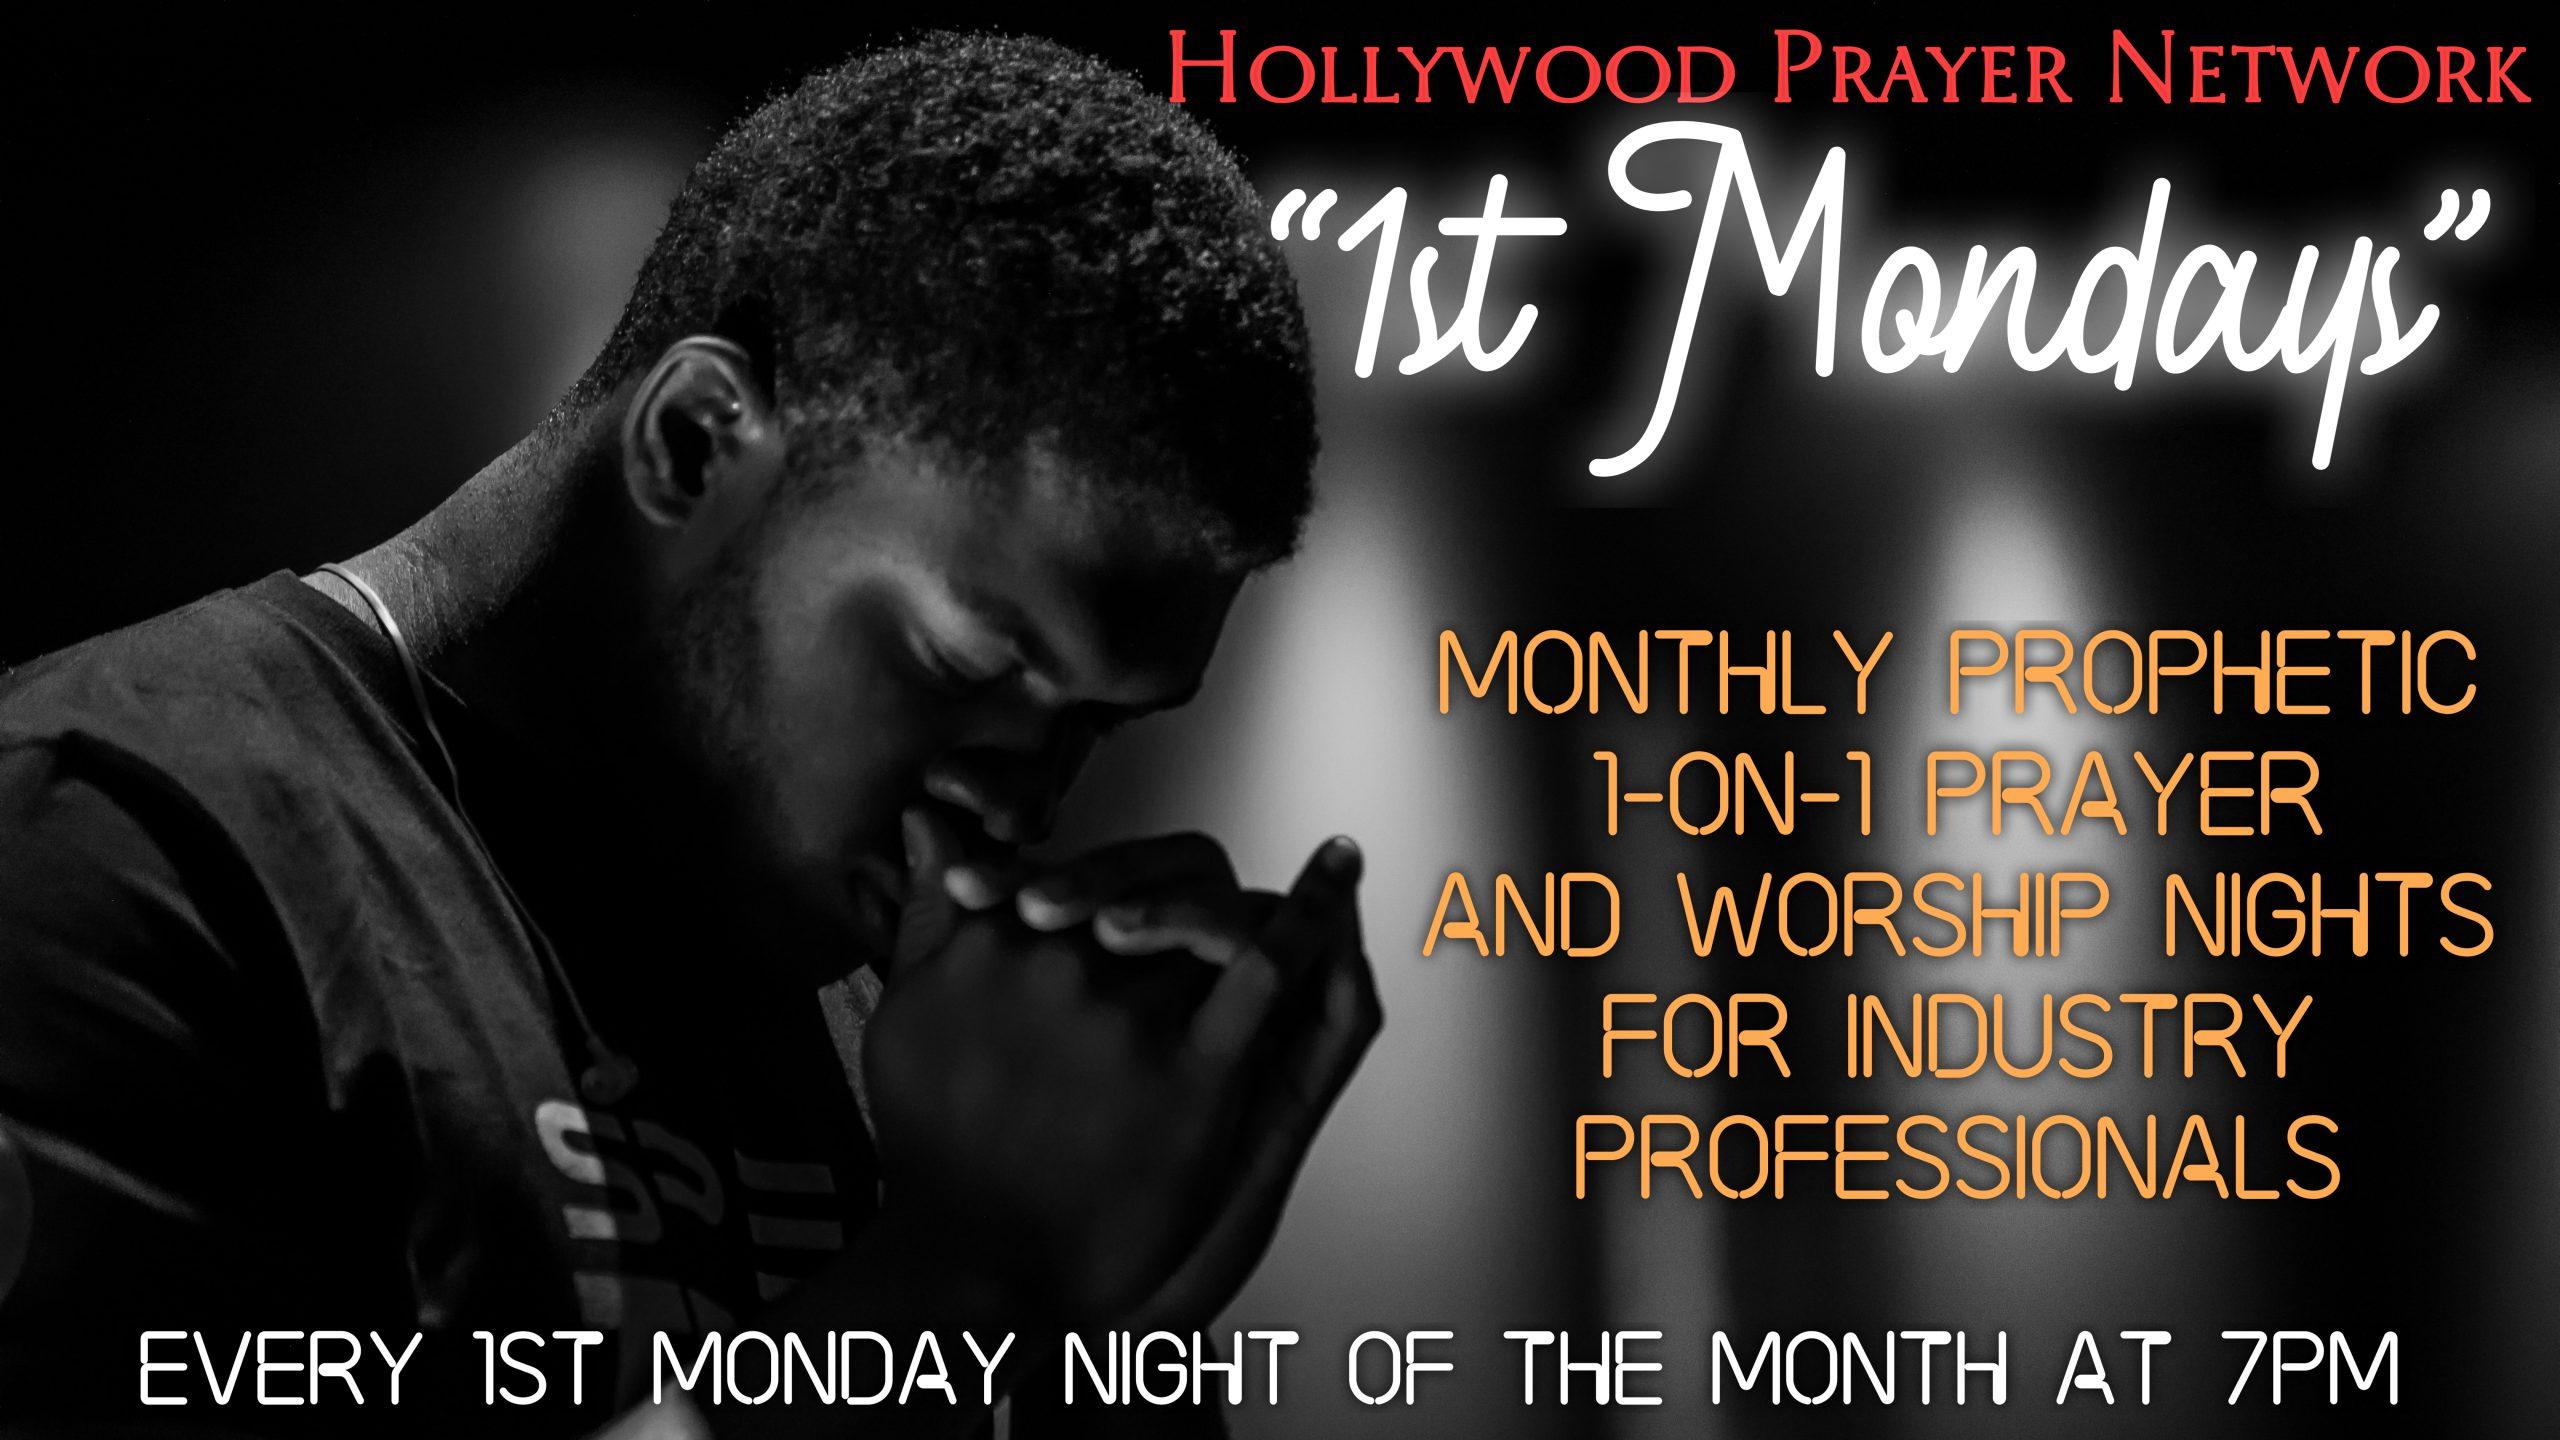 HPN 1st Mondays Prayer and Worship